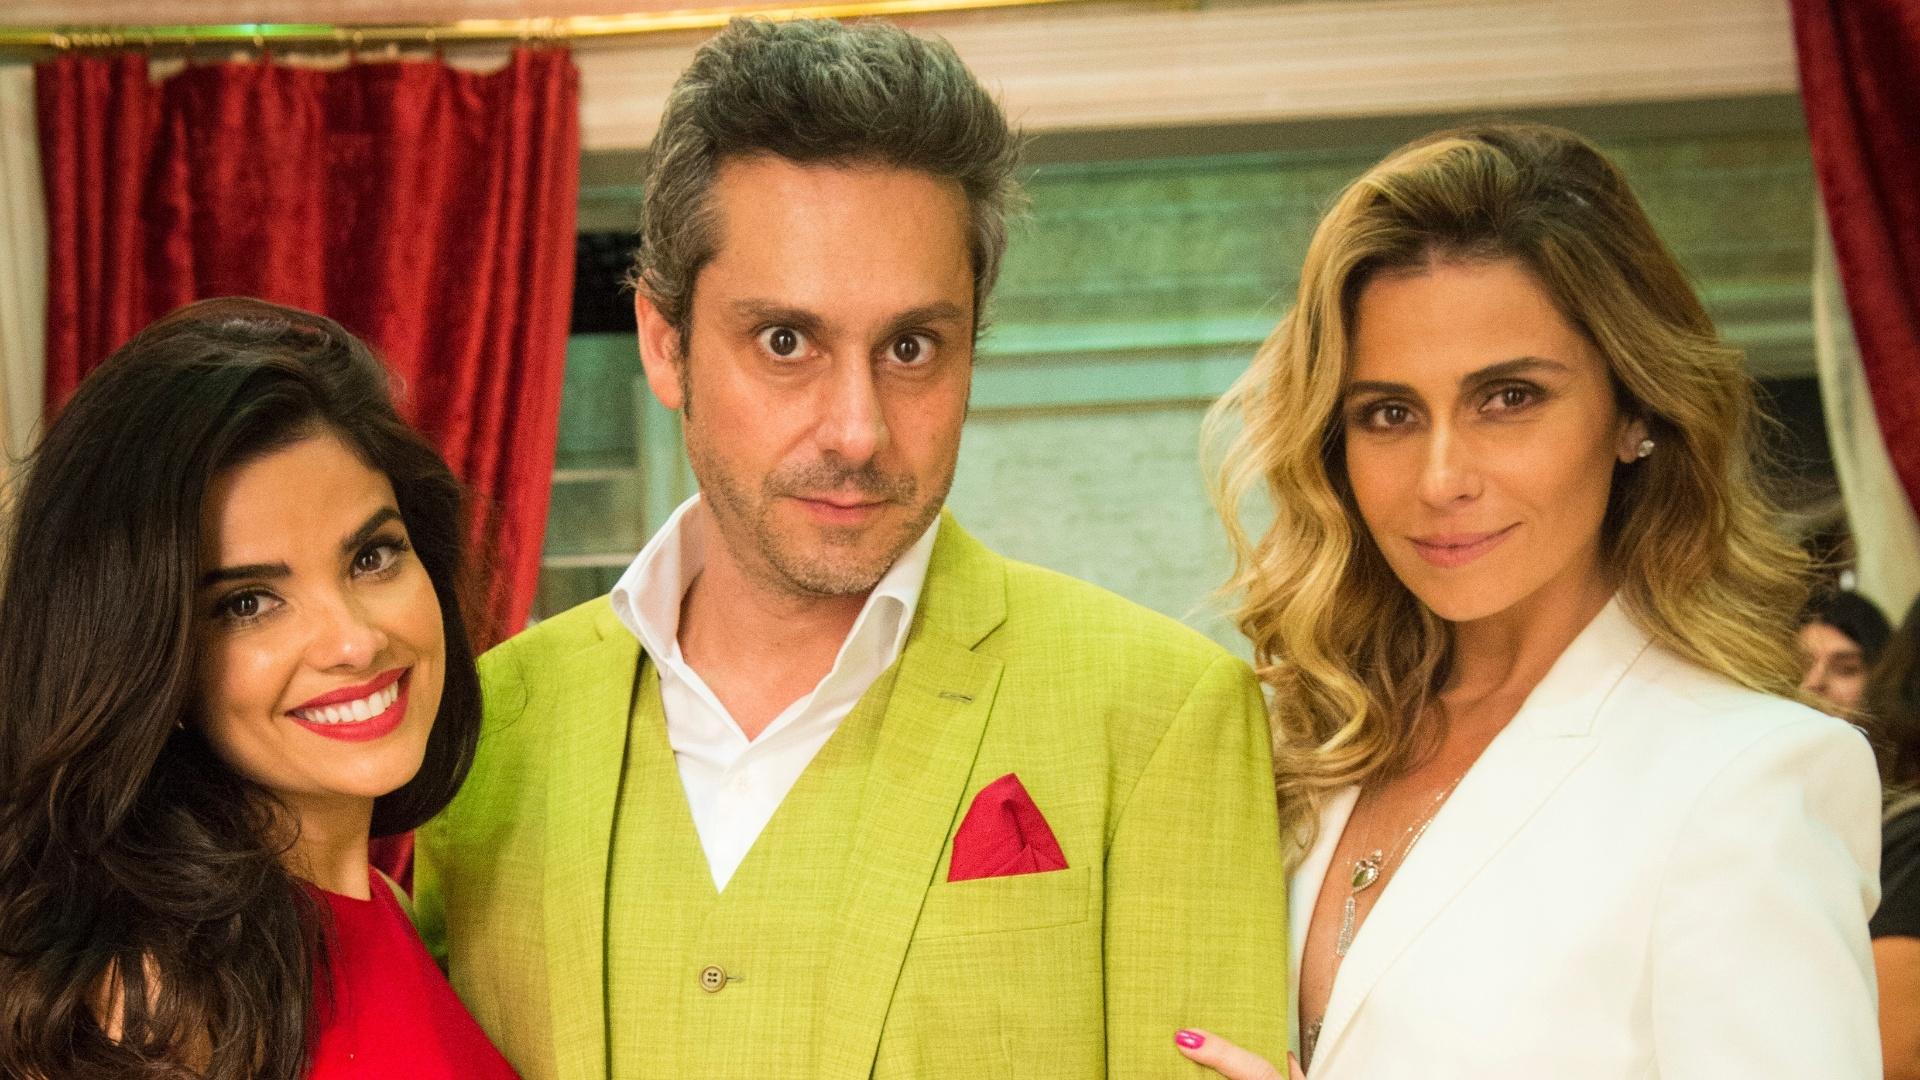 Vanessa Giácomo, Alexandre Nero e Giovanna Antonelli formam o triângulo amoroso central de